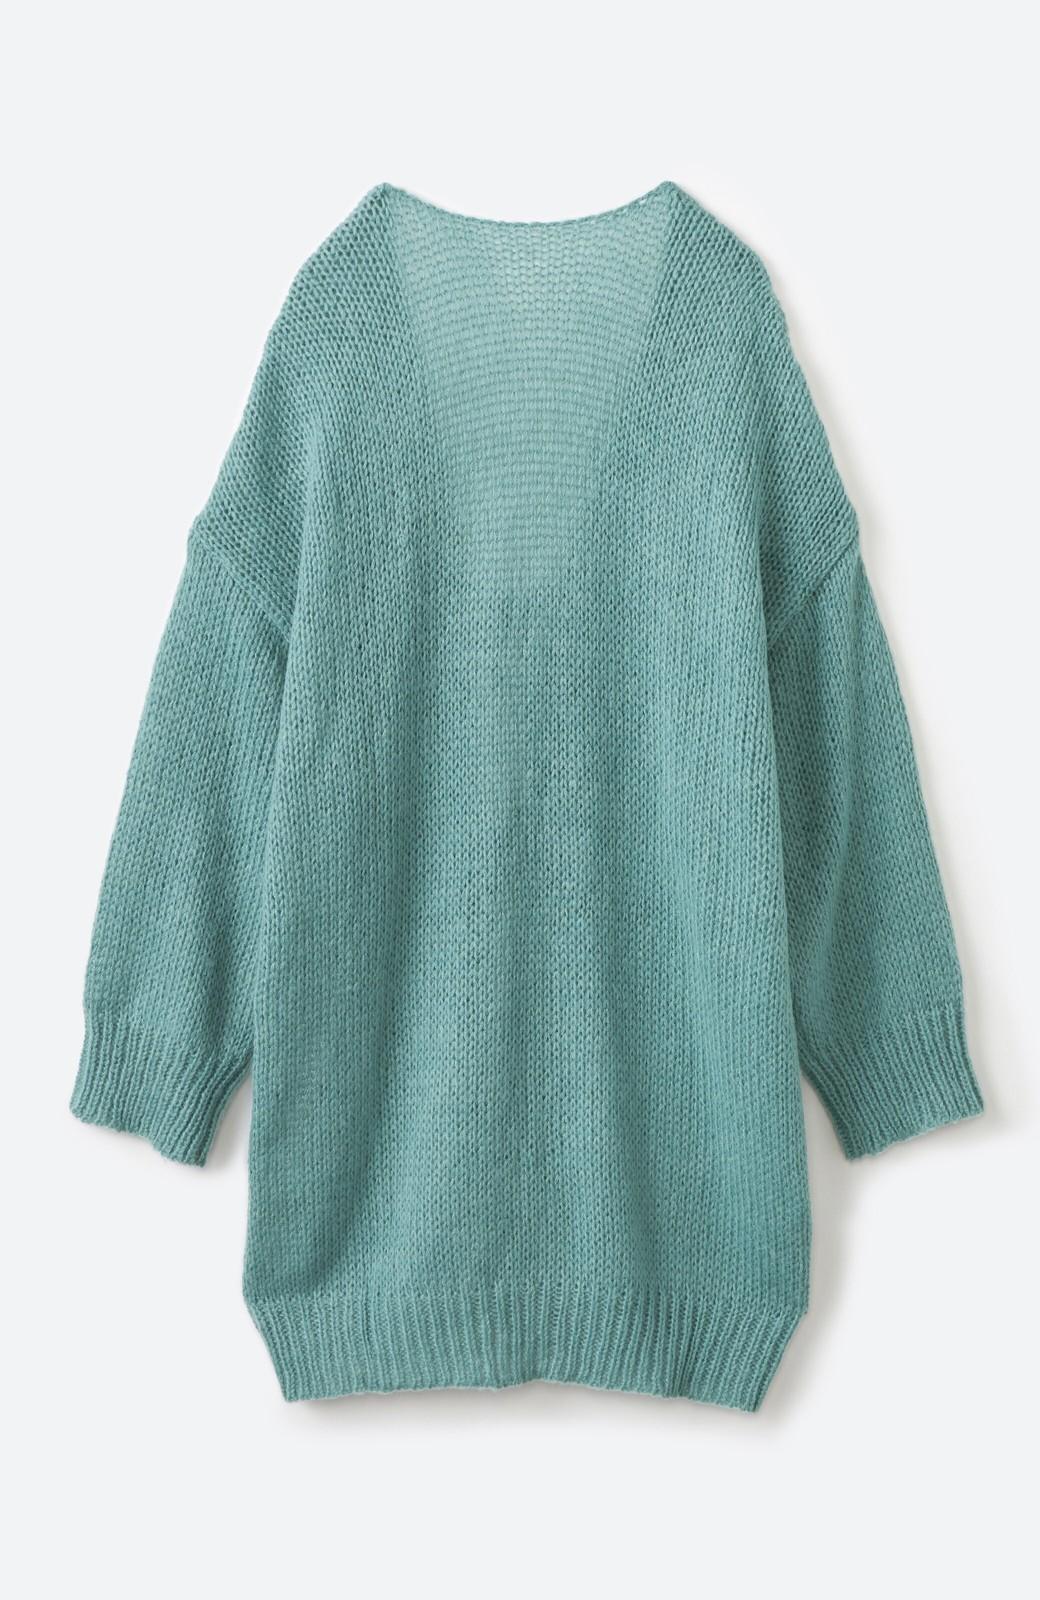 haco! ゆるゆるゆる編みで軽やかにかわいくなれる 前後ろ2WAYカーディガン <ミント>の商品写真19